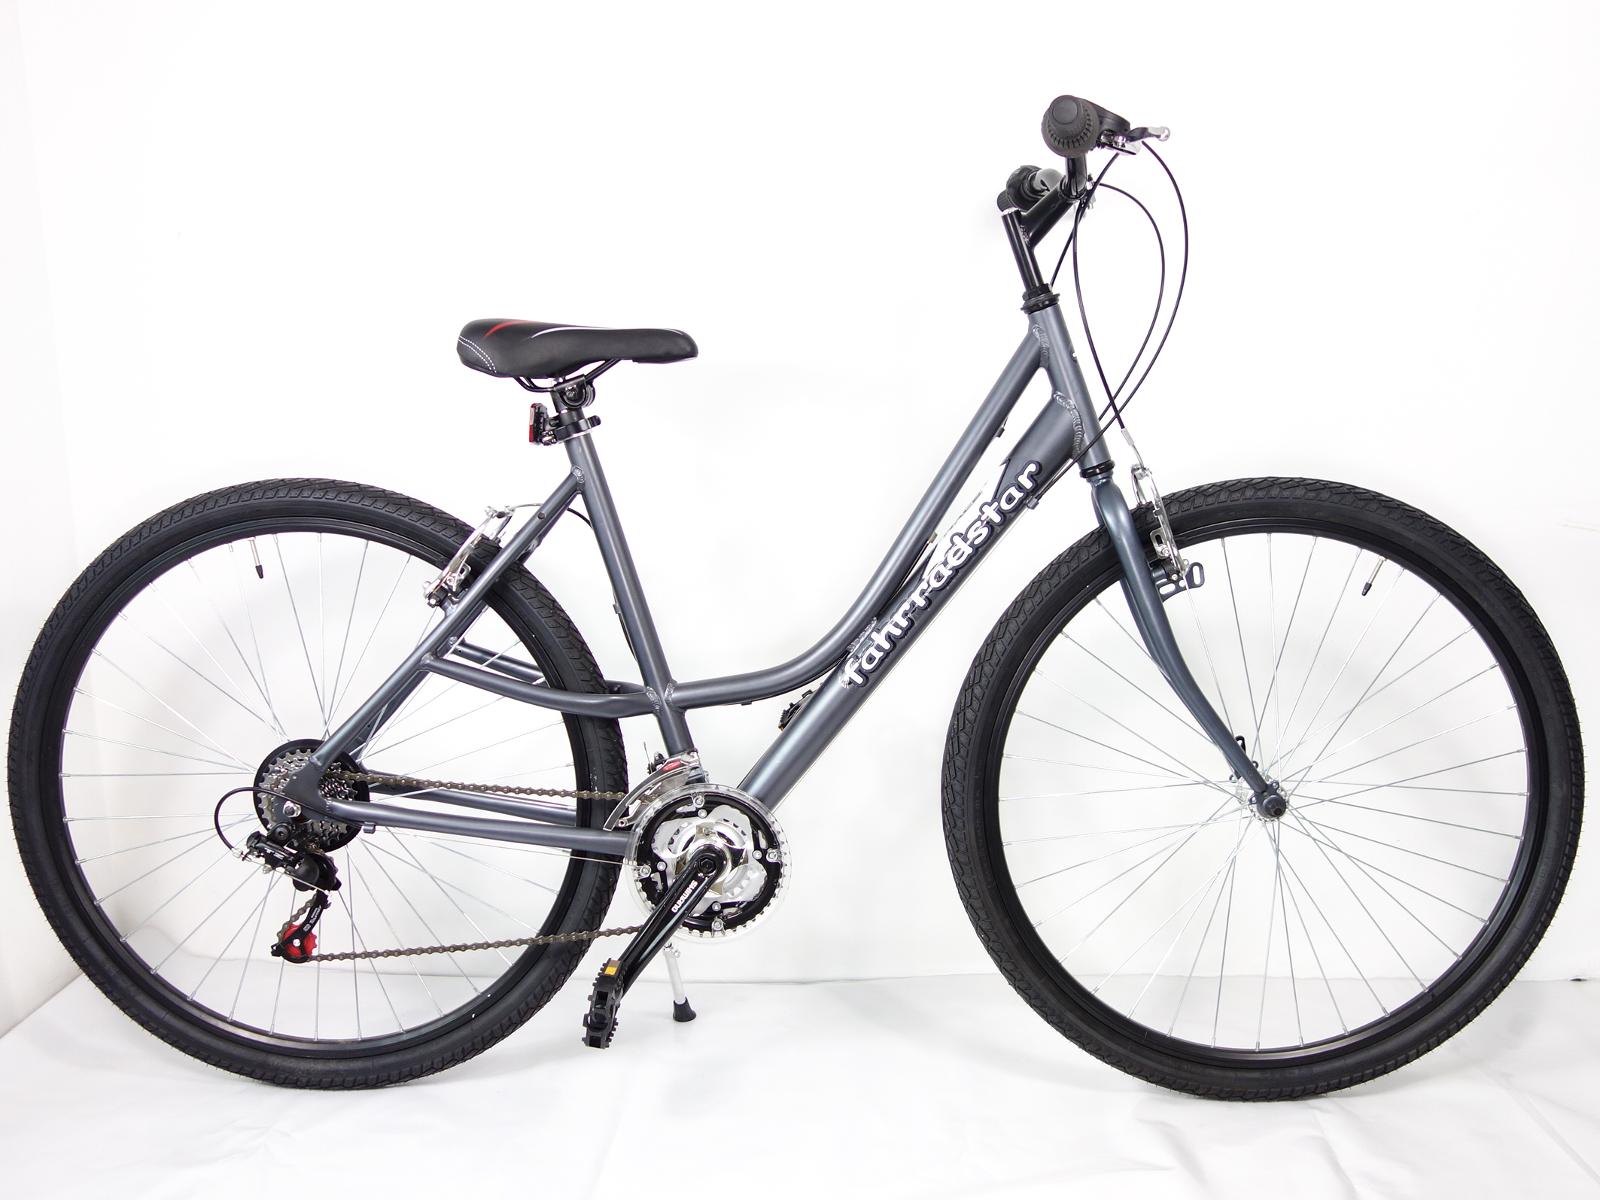 28 zoll hollandrad nostalgie fahrrad hollandfahrrad amsterdam damenrad neu ebay. Black Bedroom Furniture Sets. Home Design Ideas